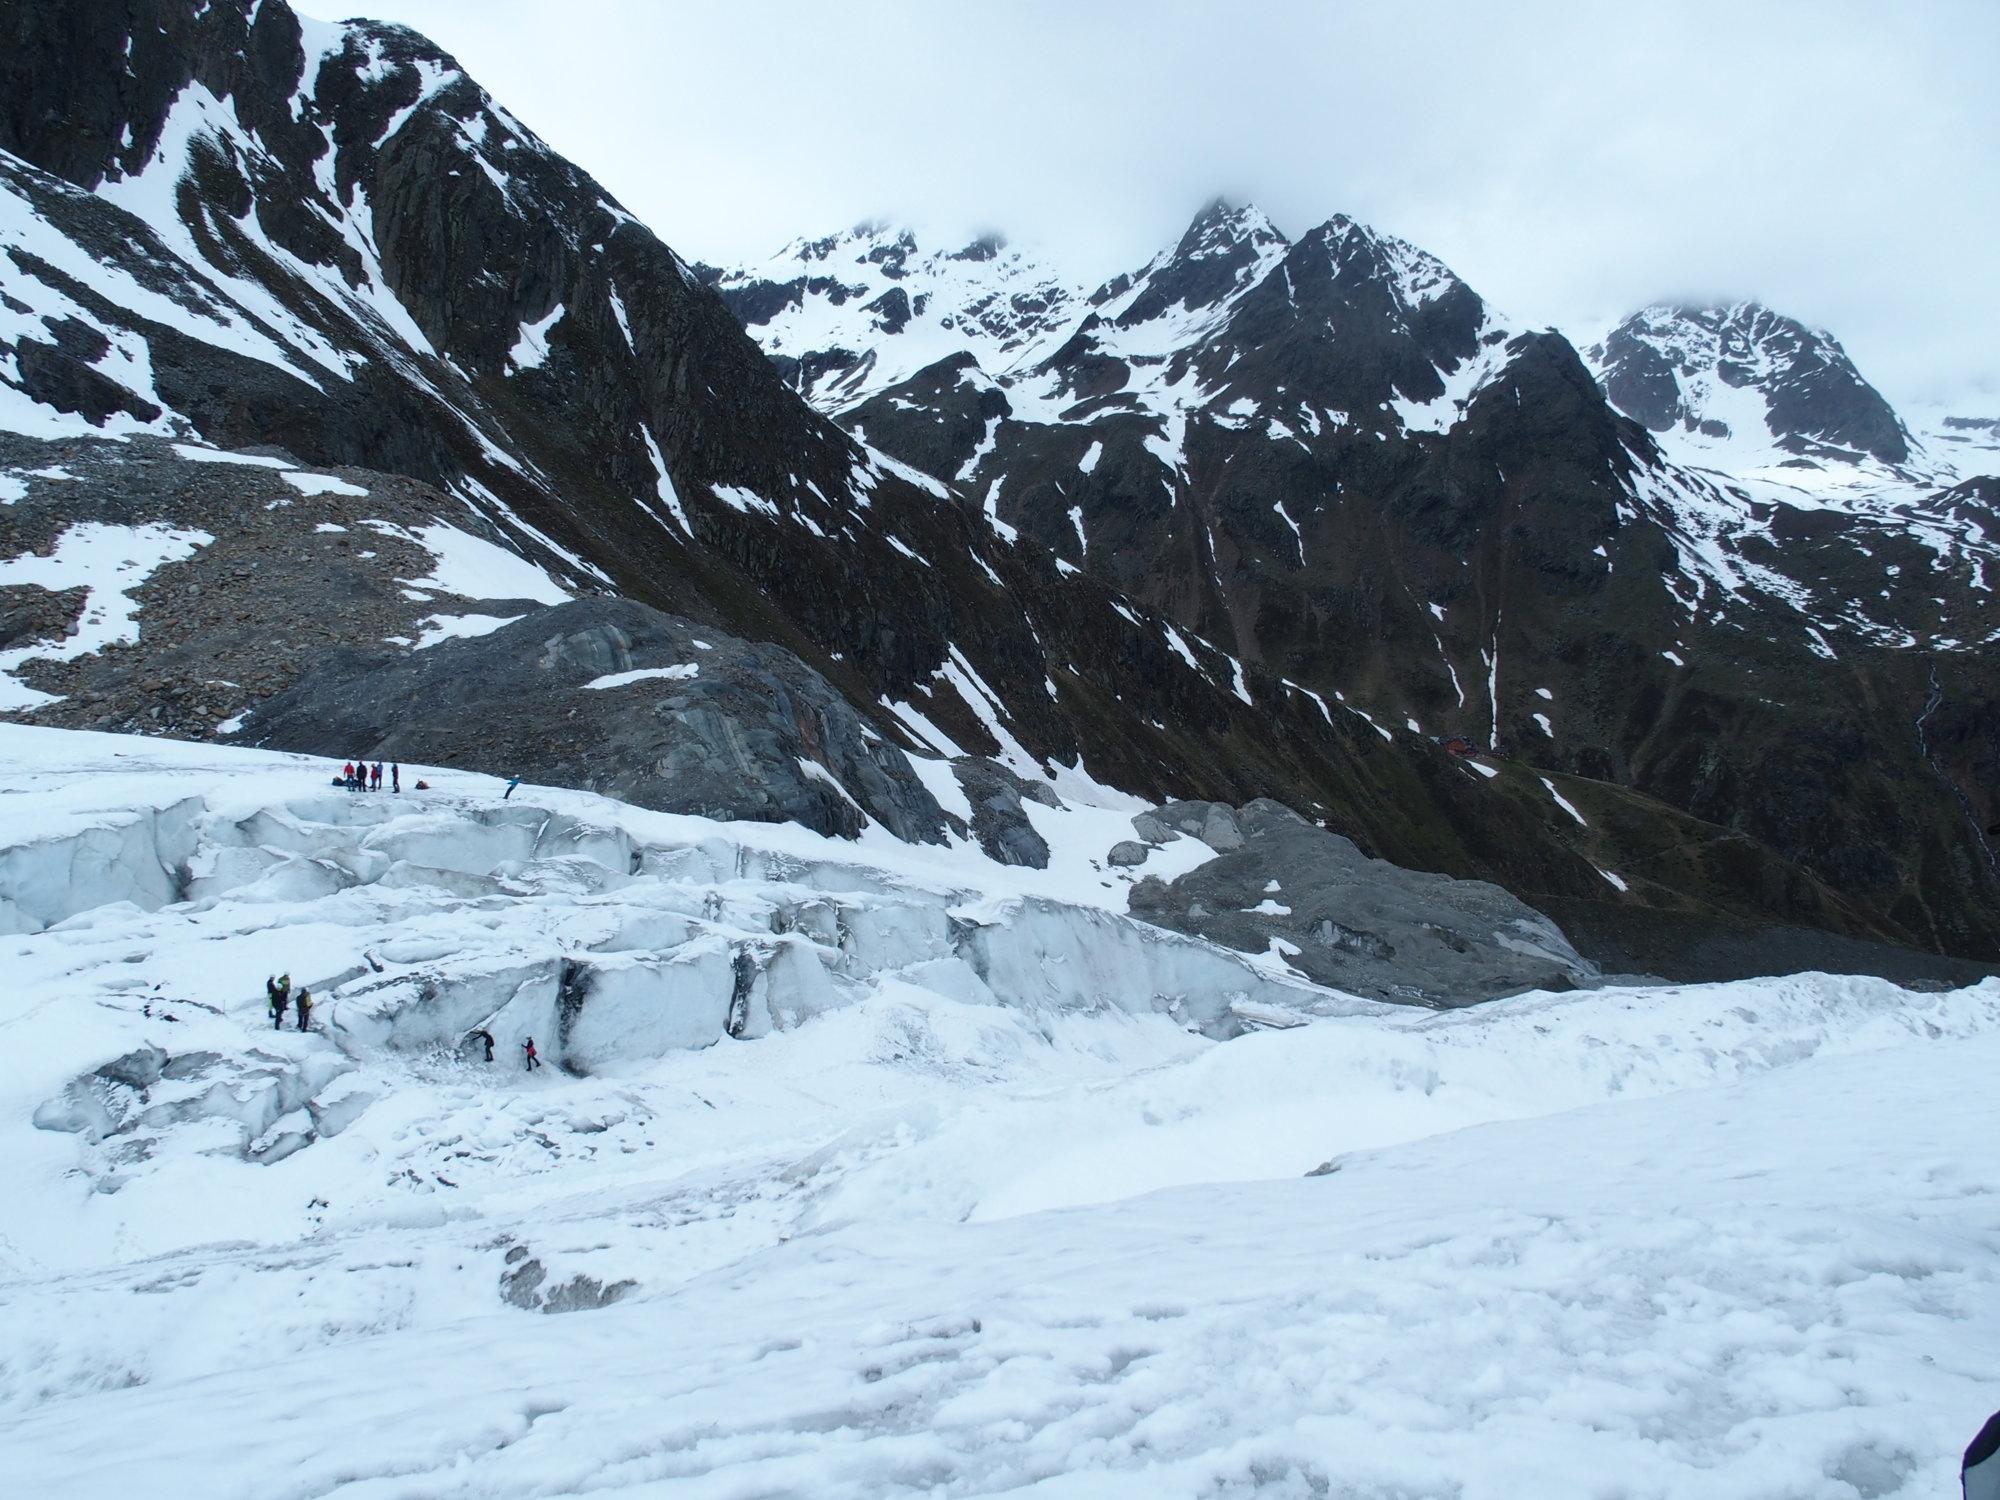 Gletscherkurs, Hochtour, Hochtourenkurs, Ausbildung, Bergsteigen, Gletscher, Kurs, Schulung, Pitztal, Taschachhaus, Fjella